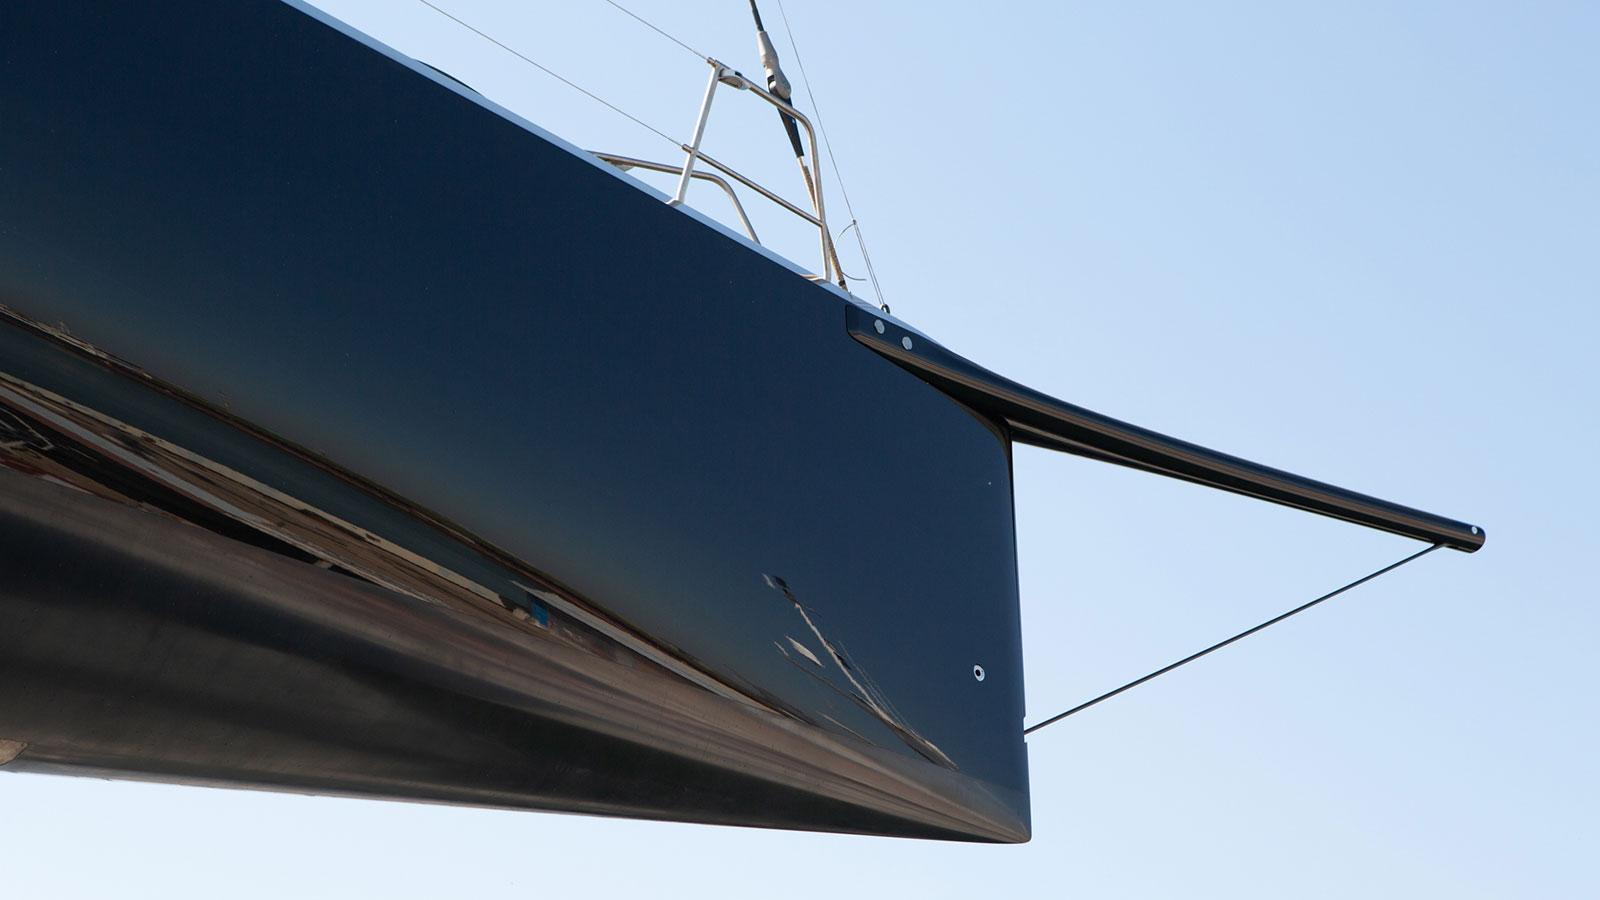 bow-view-of-the-wally-93-sailing-yacht-nahita